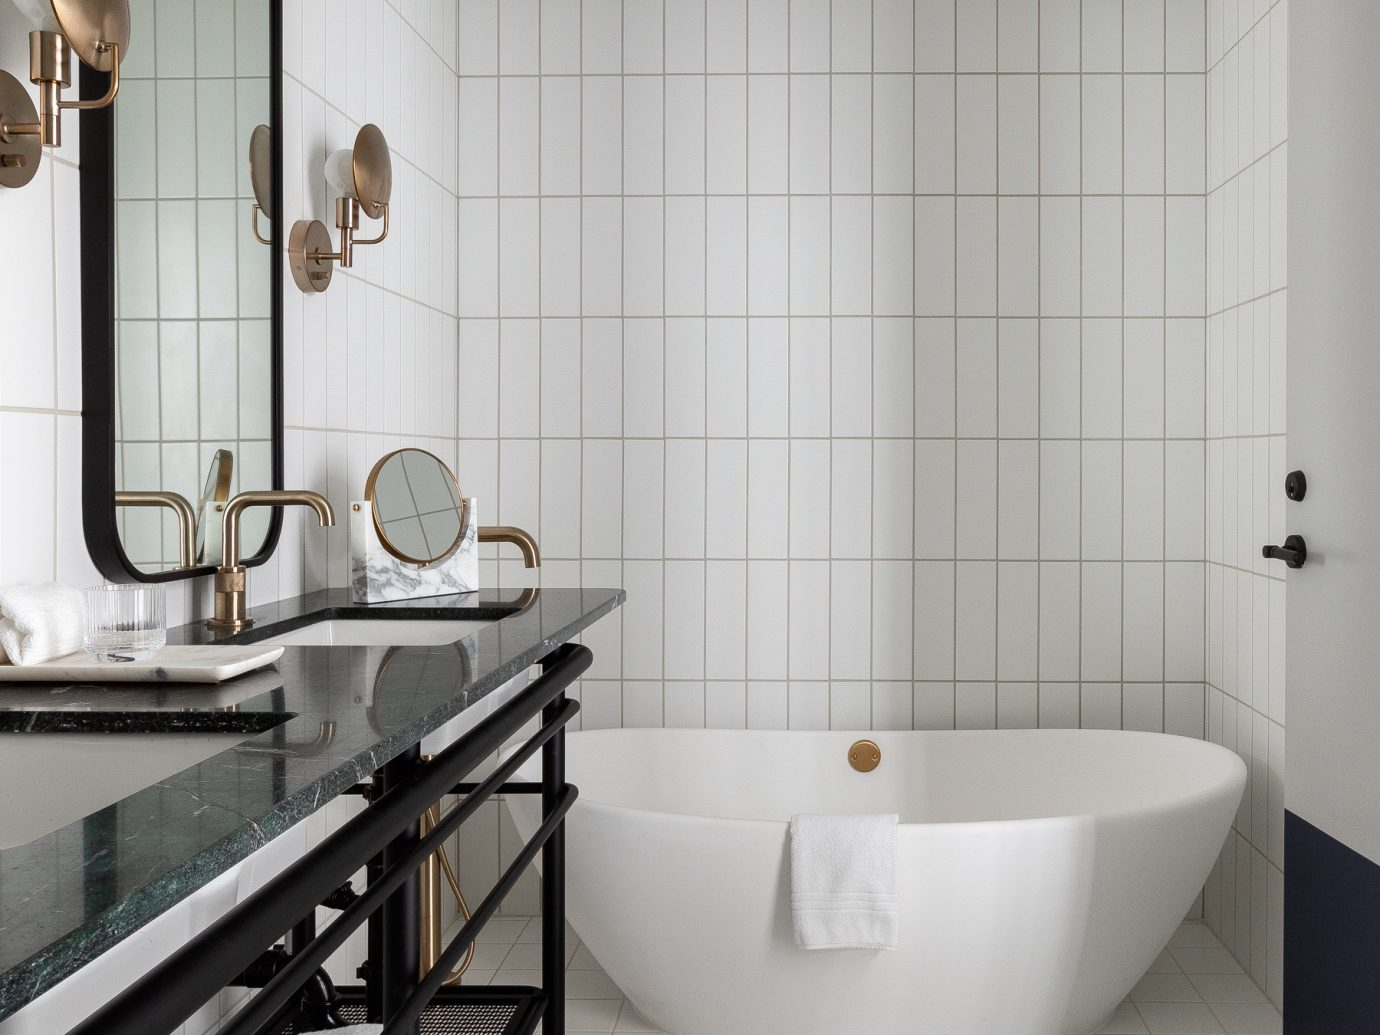 White bathroom with a pretty bathtub